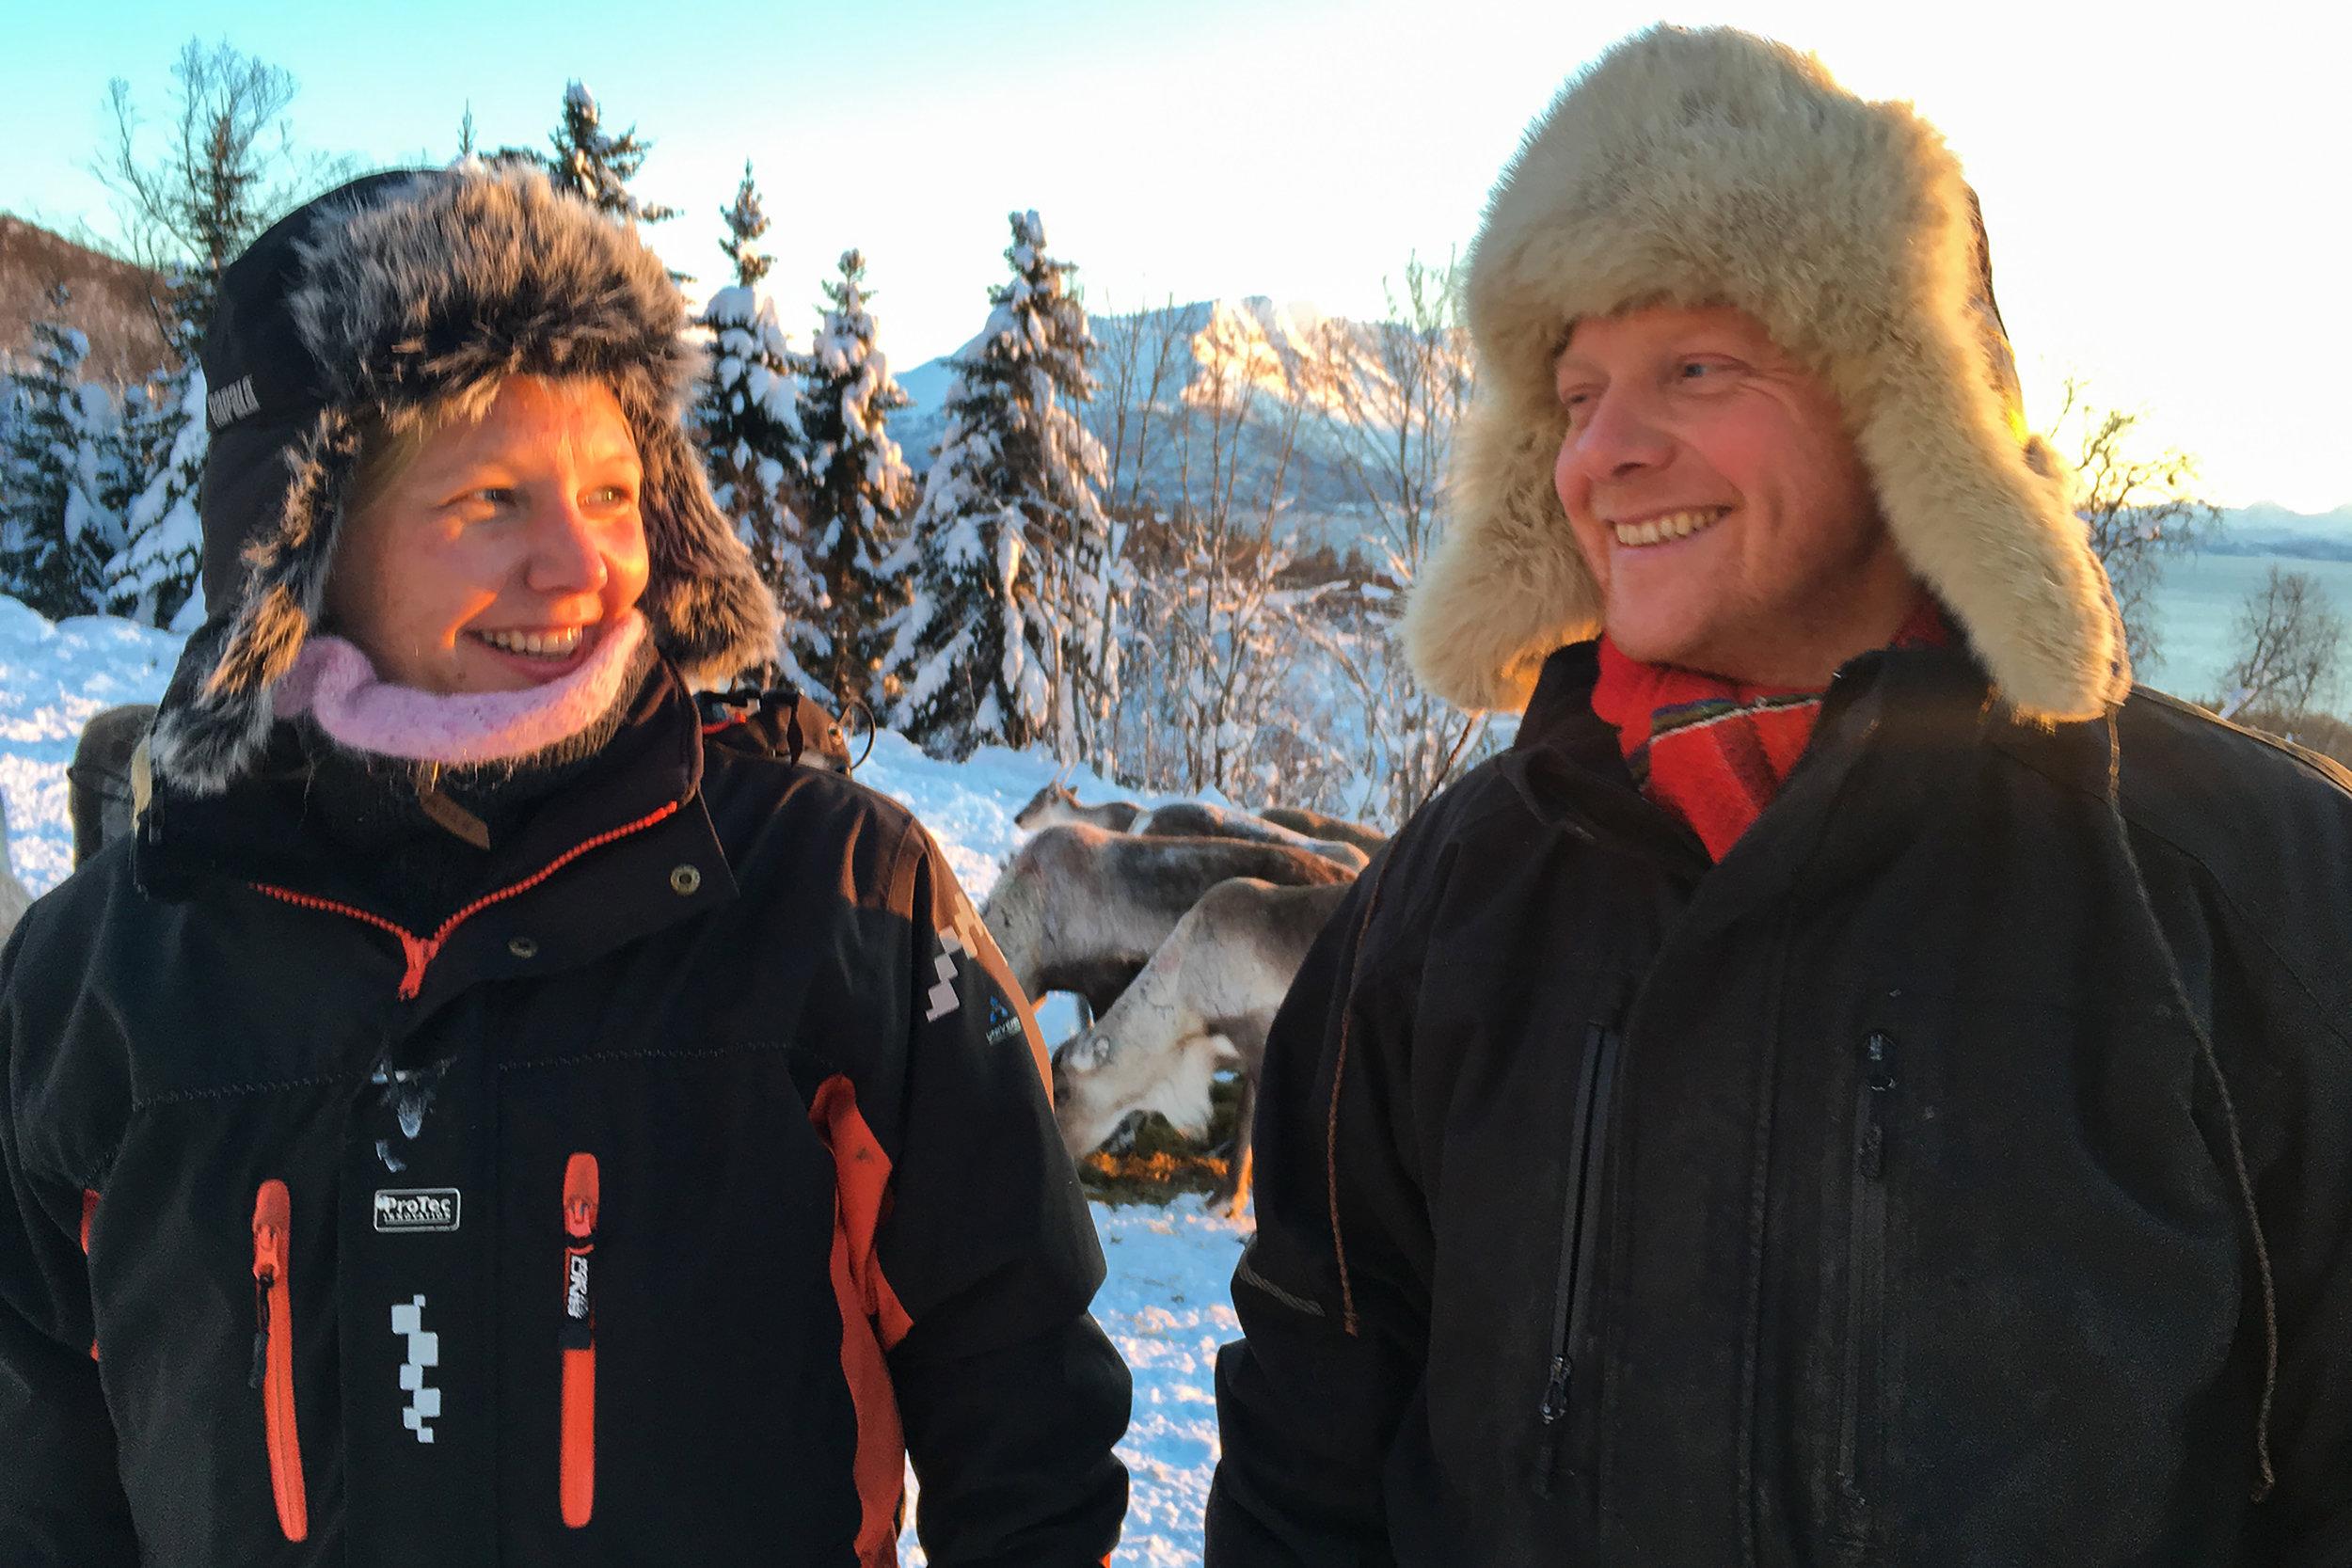 Reiulf Aleksandersen and family friend